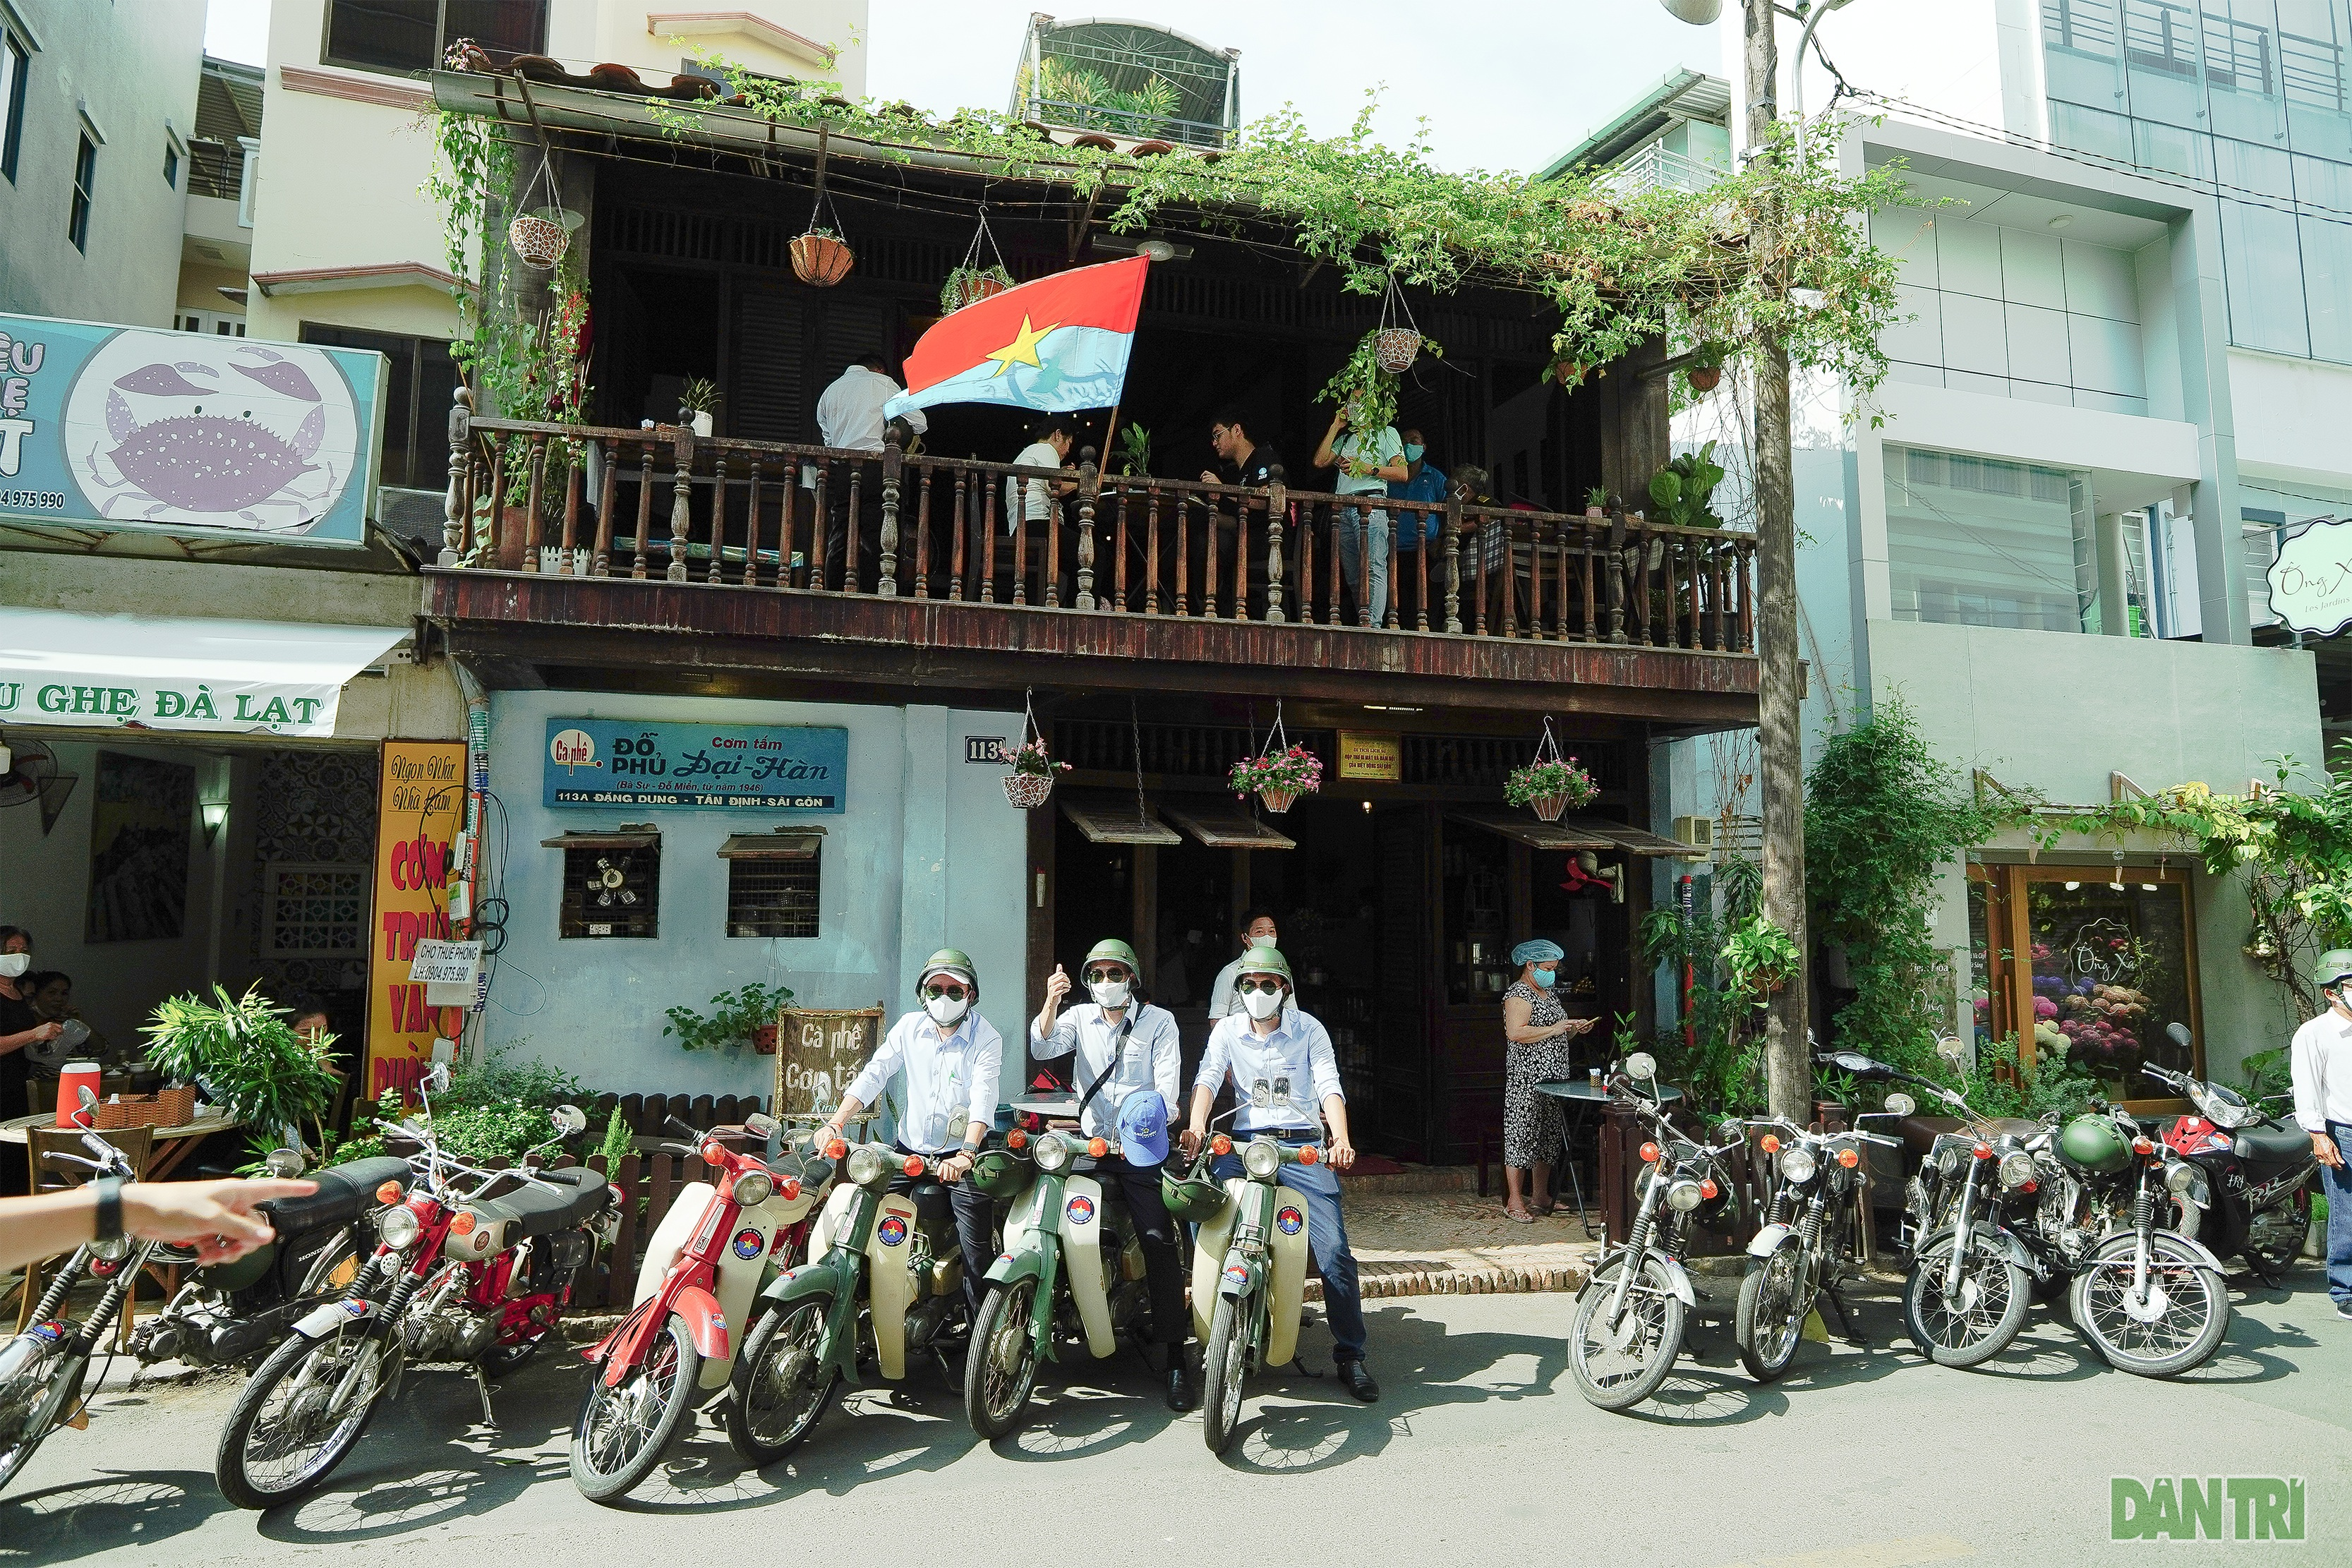 TPHCMkhởiđộng du lịch bằng tourTheo dấu chân Biệt động Sài Gòn - 4